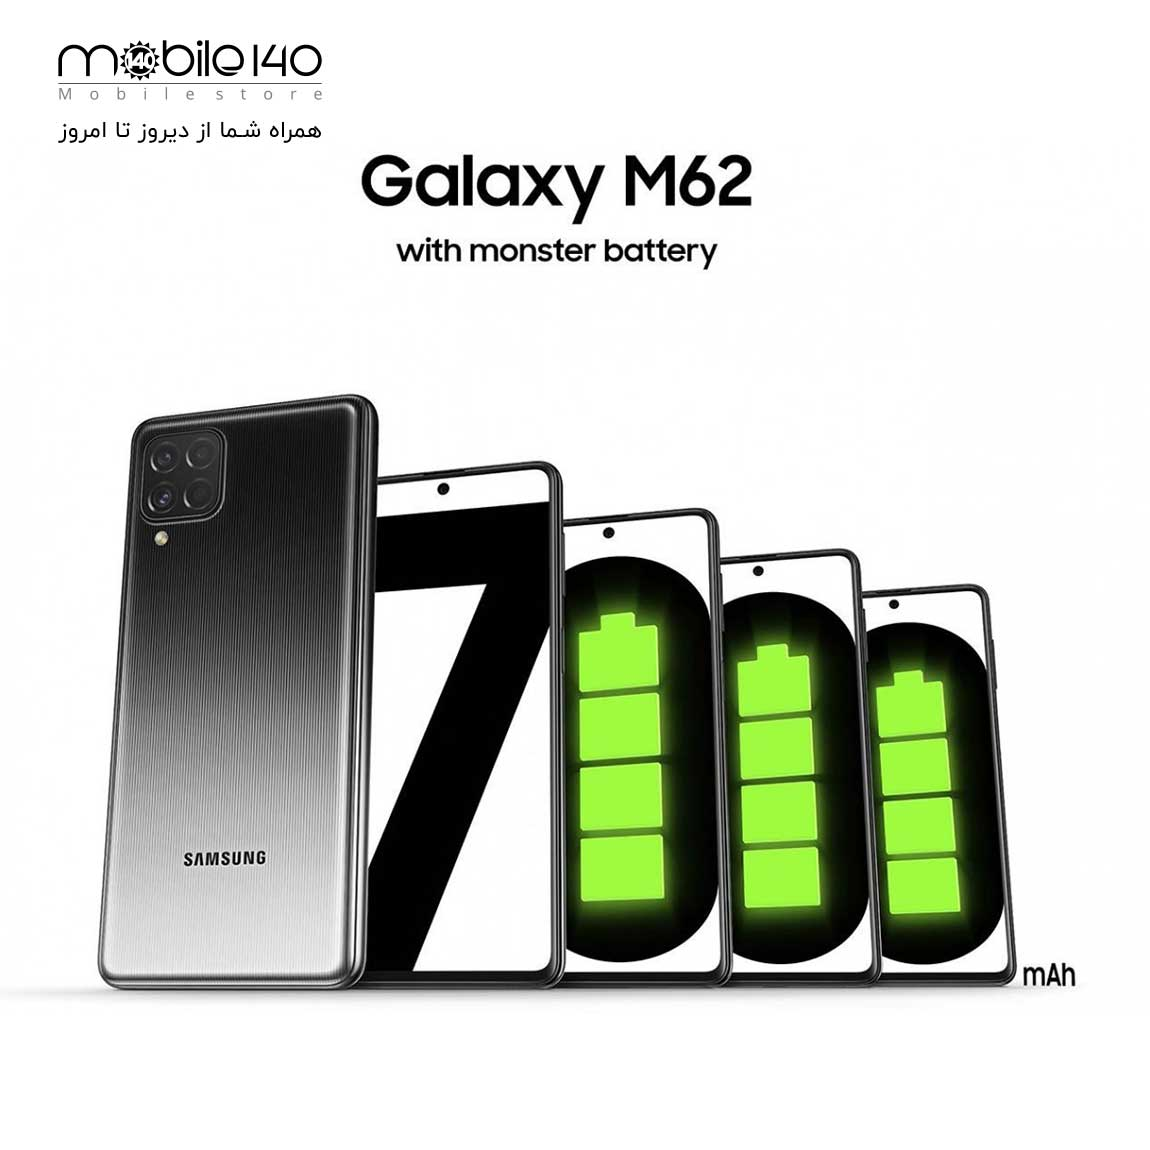 باتری بسیار قدرتمندی با ظرفیت 7000 میلیآمپری برای این محصول استفاده شده که میتواند بزرگترین نقطه قوت این گوشی باشد.